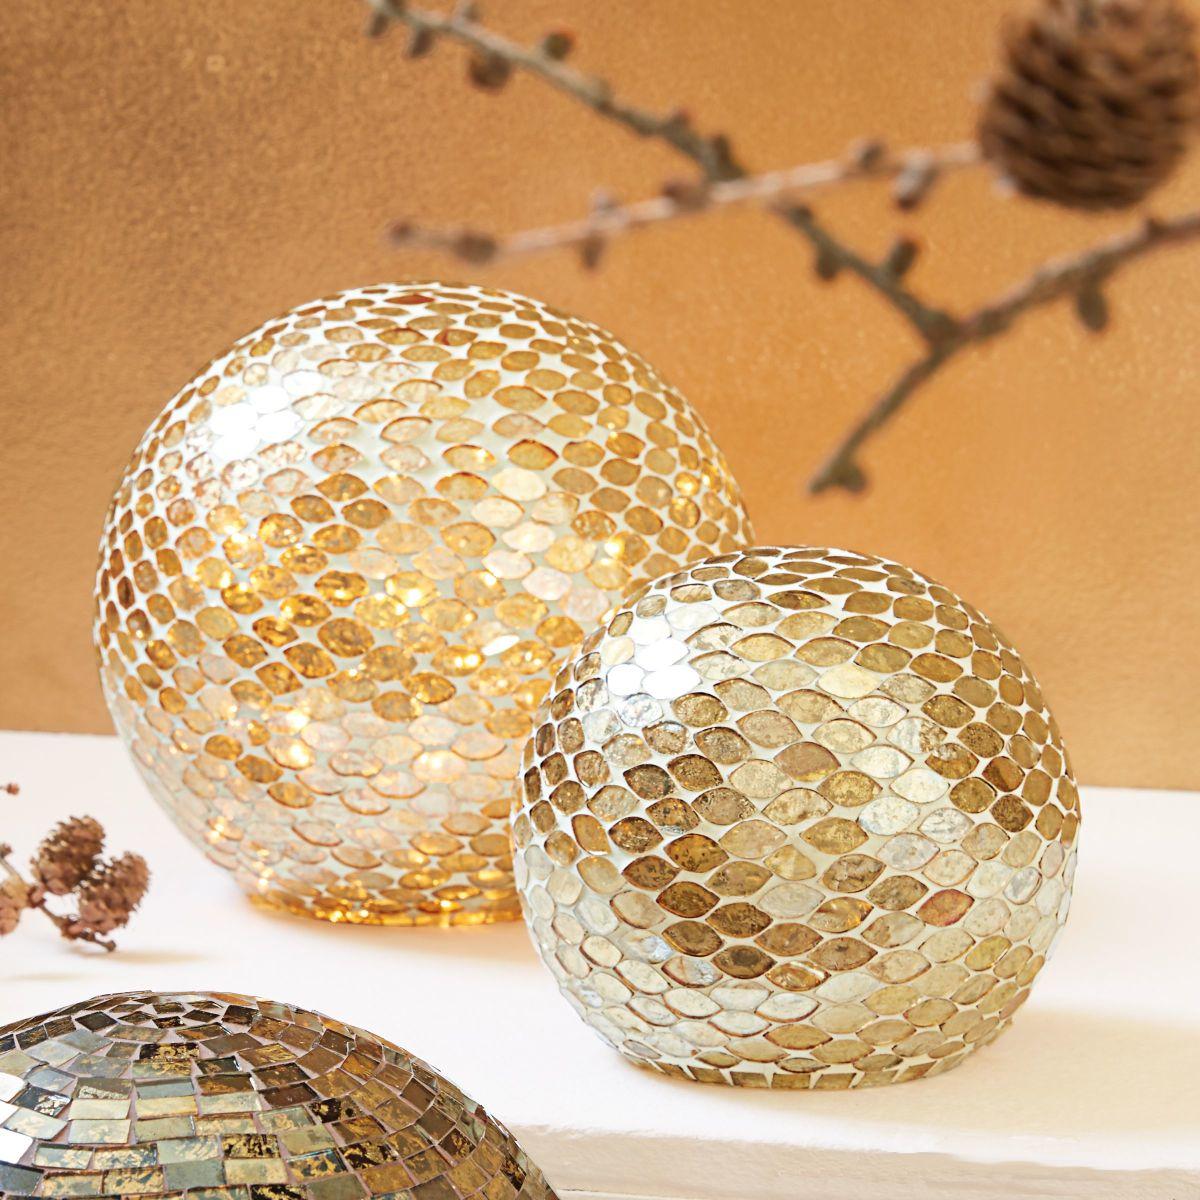 deko objekt mosaik kugel handgearbeitet glas einfach. Black Bedroom Furniture Sets. Home Design Ideas